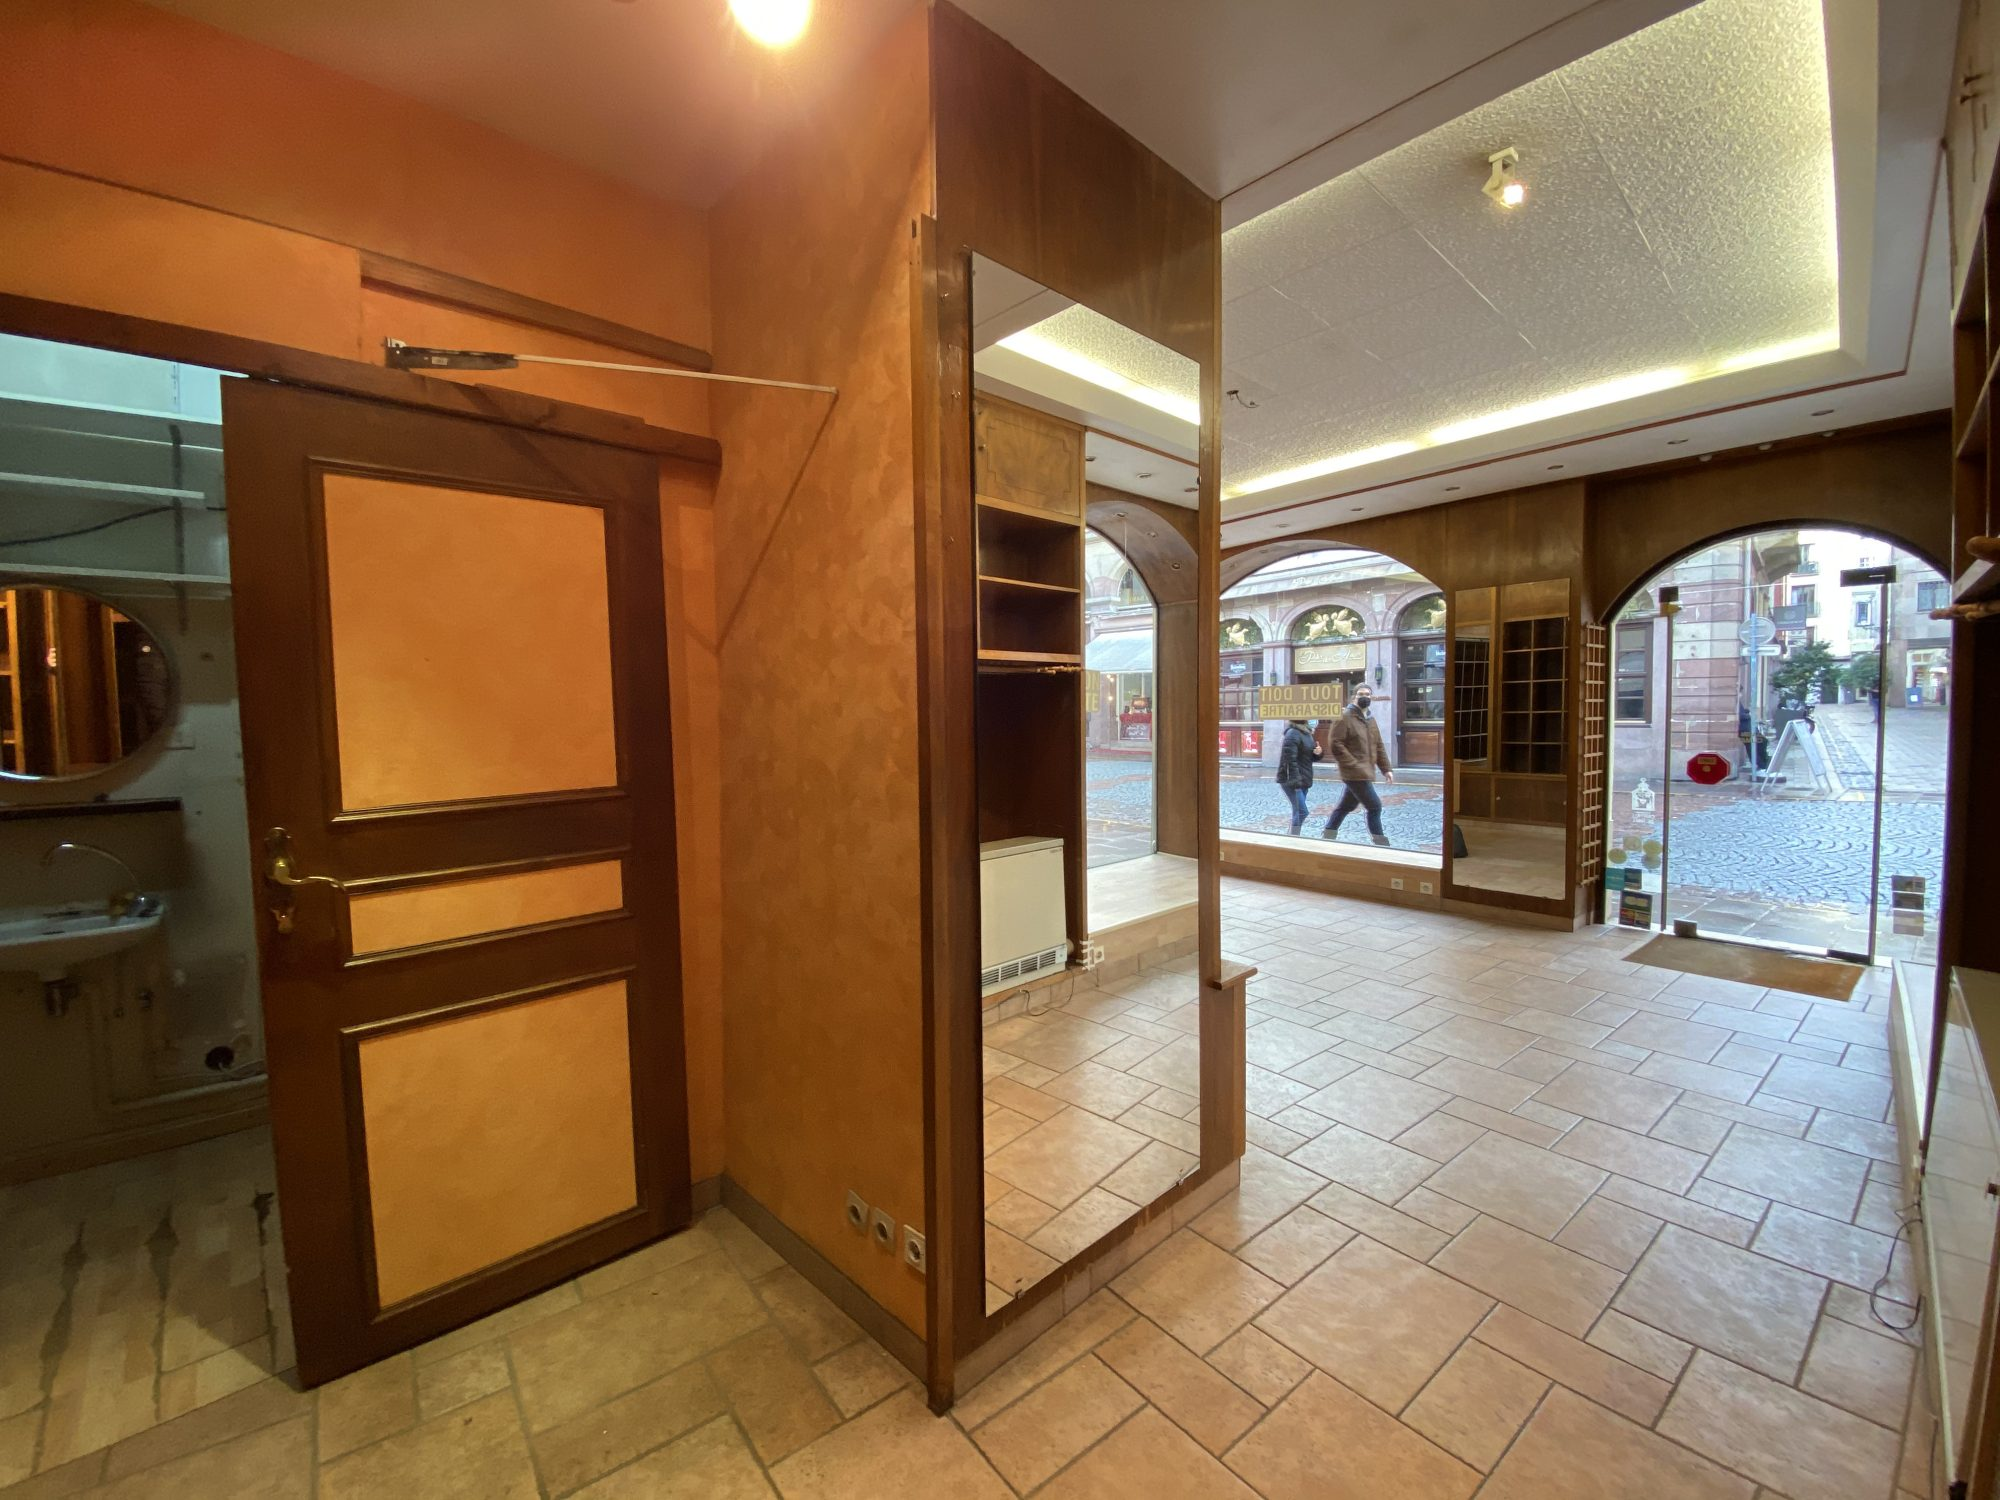 EMPLACEMENT N°1 CATHEDRALE LOCAL COMMERCIAL A LOUER - Devenez locataire en toute sérénité - Bintz Immobilier - 10